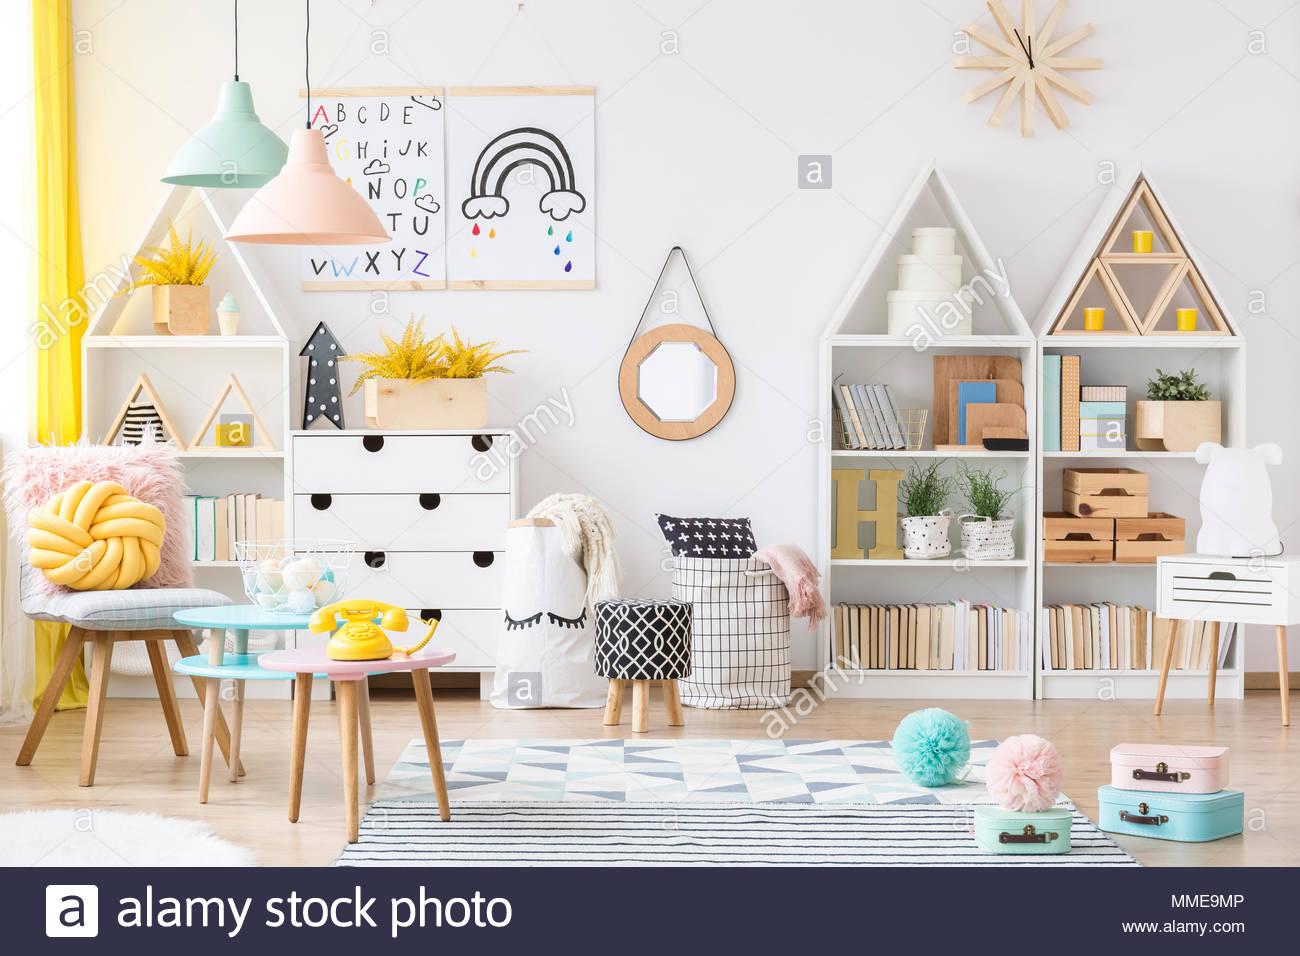 Full Size of Zwei Einfache Plakate Hngen An Weie Wand Im Kinderzimmer Regal Weiß Regale Sofa Kinderzimmer Kinderzimmer Einrichtung